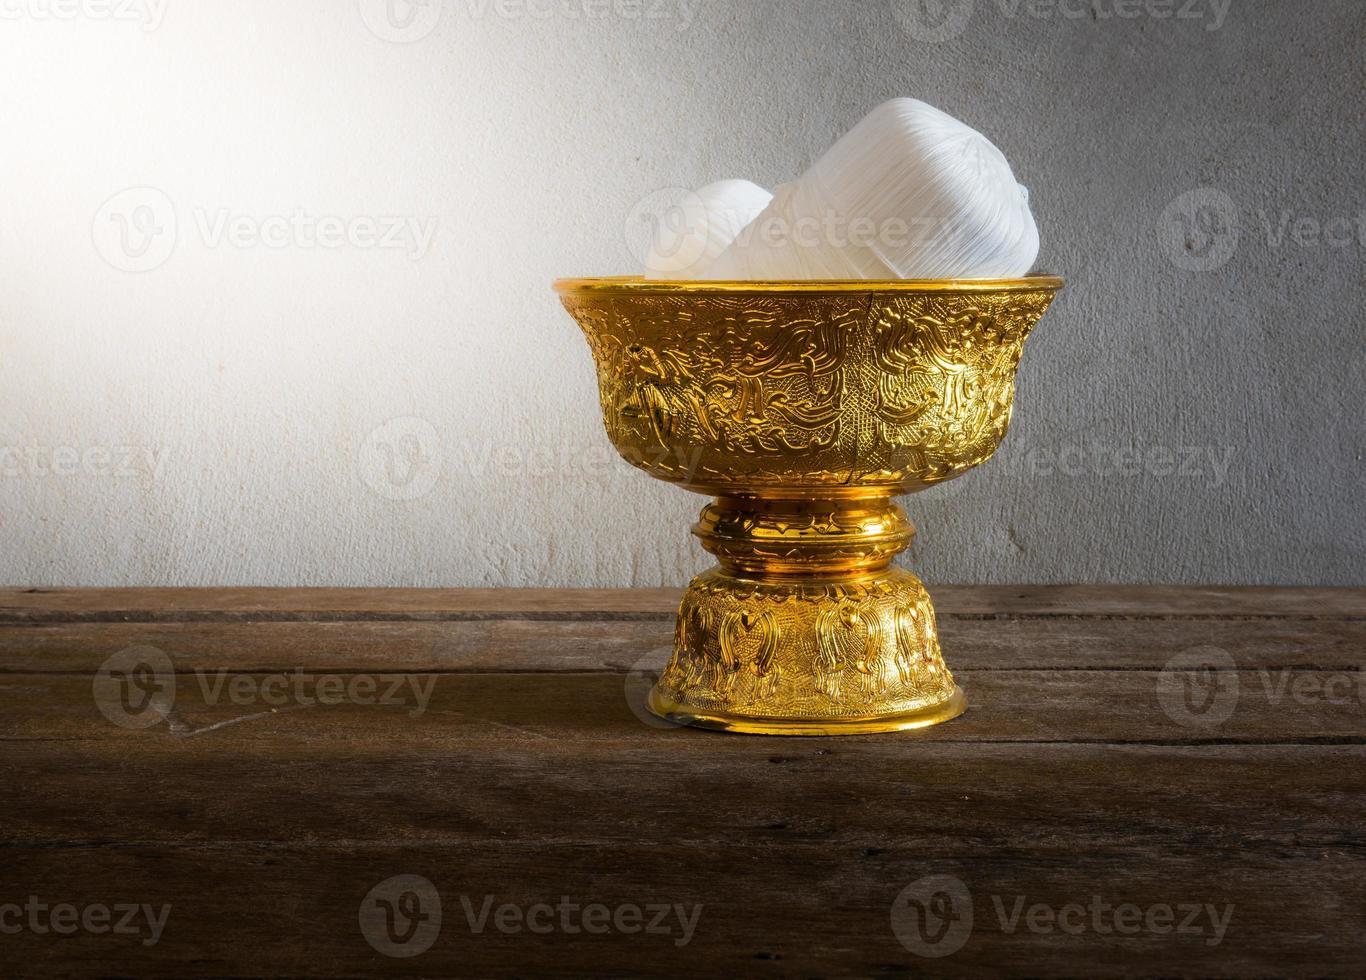 heiliger Faden in Thailand Gold Tablett mit Sockel foto